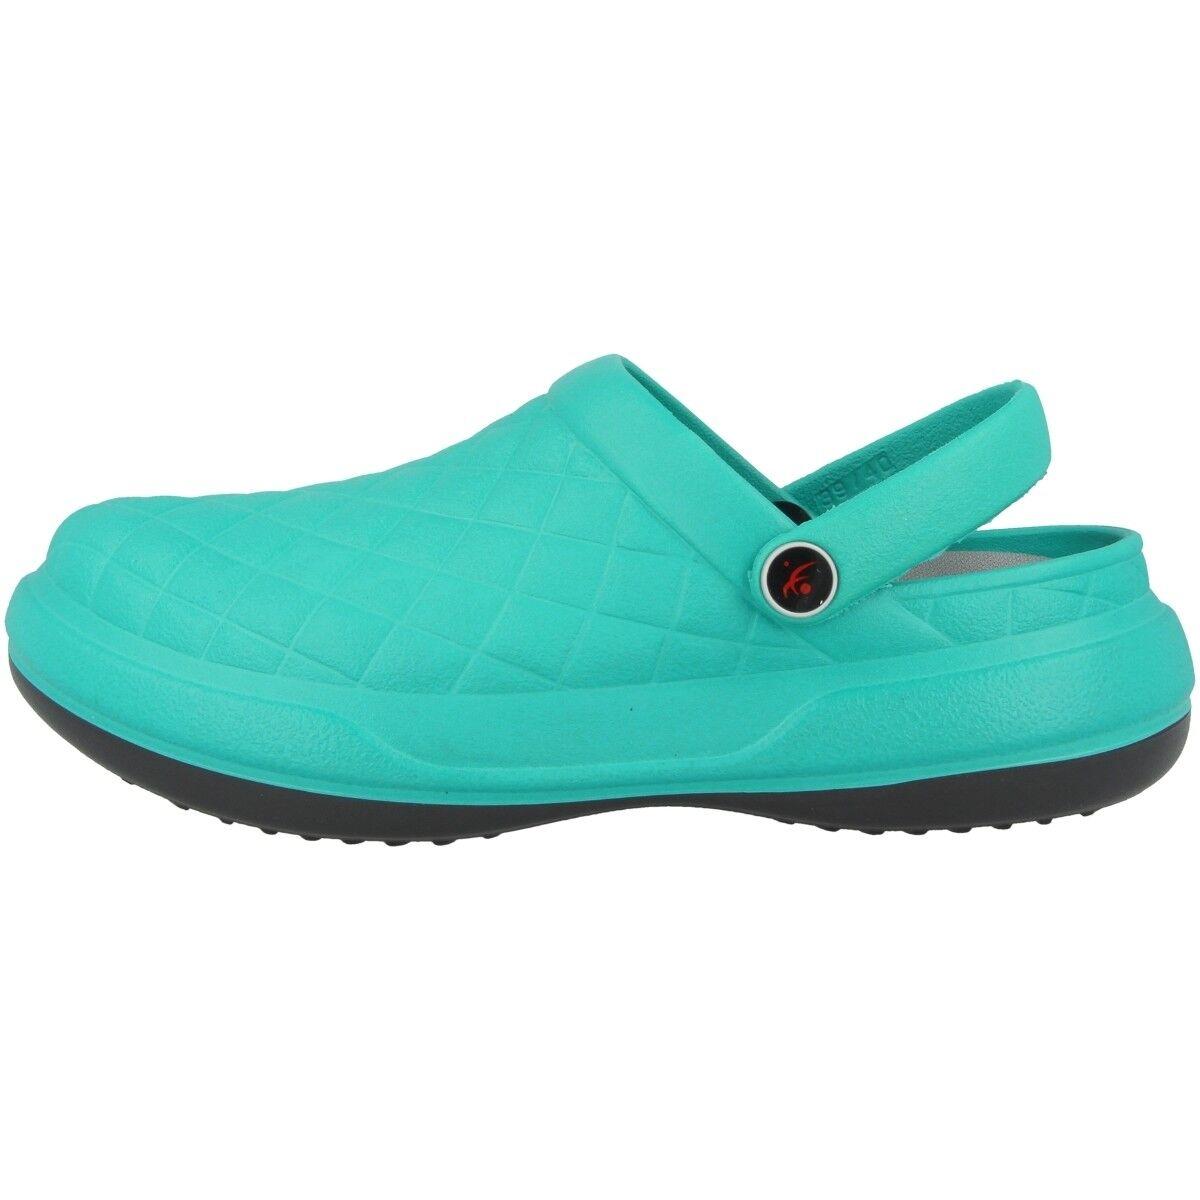 Chung Shi Dux FUTURE obstruir Sandalias Zuecos Zapatos de baño turquesa 8903080